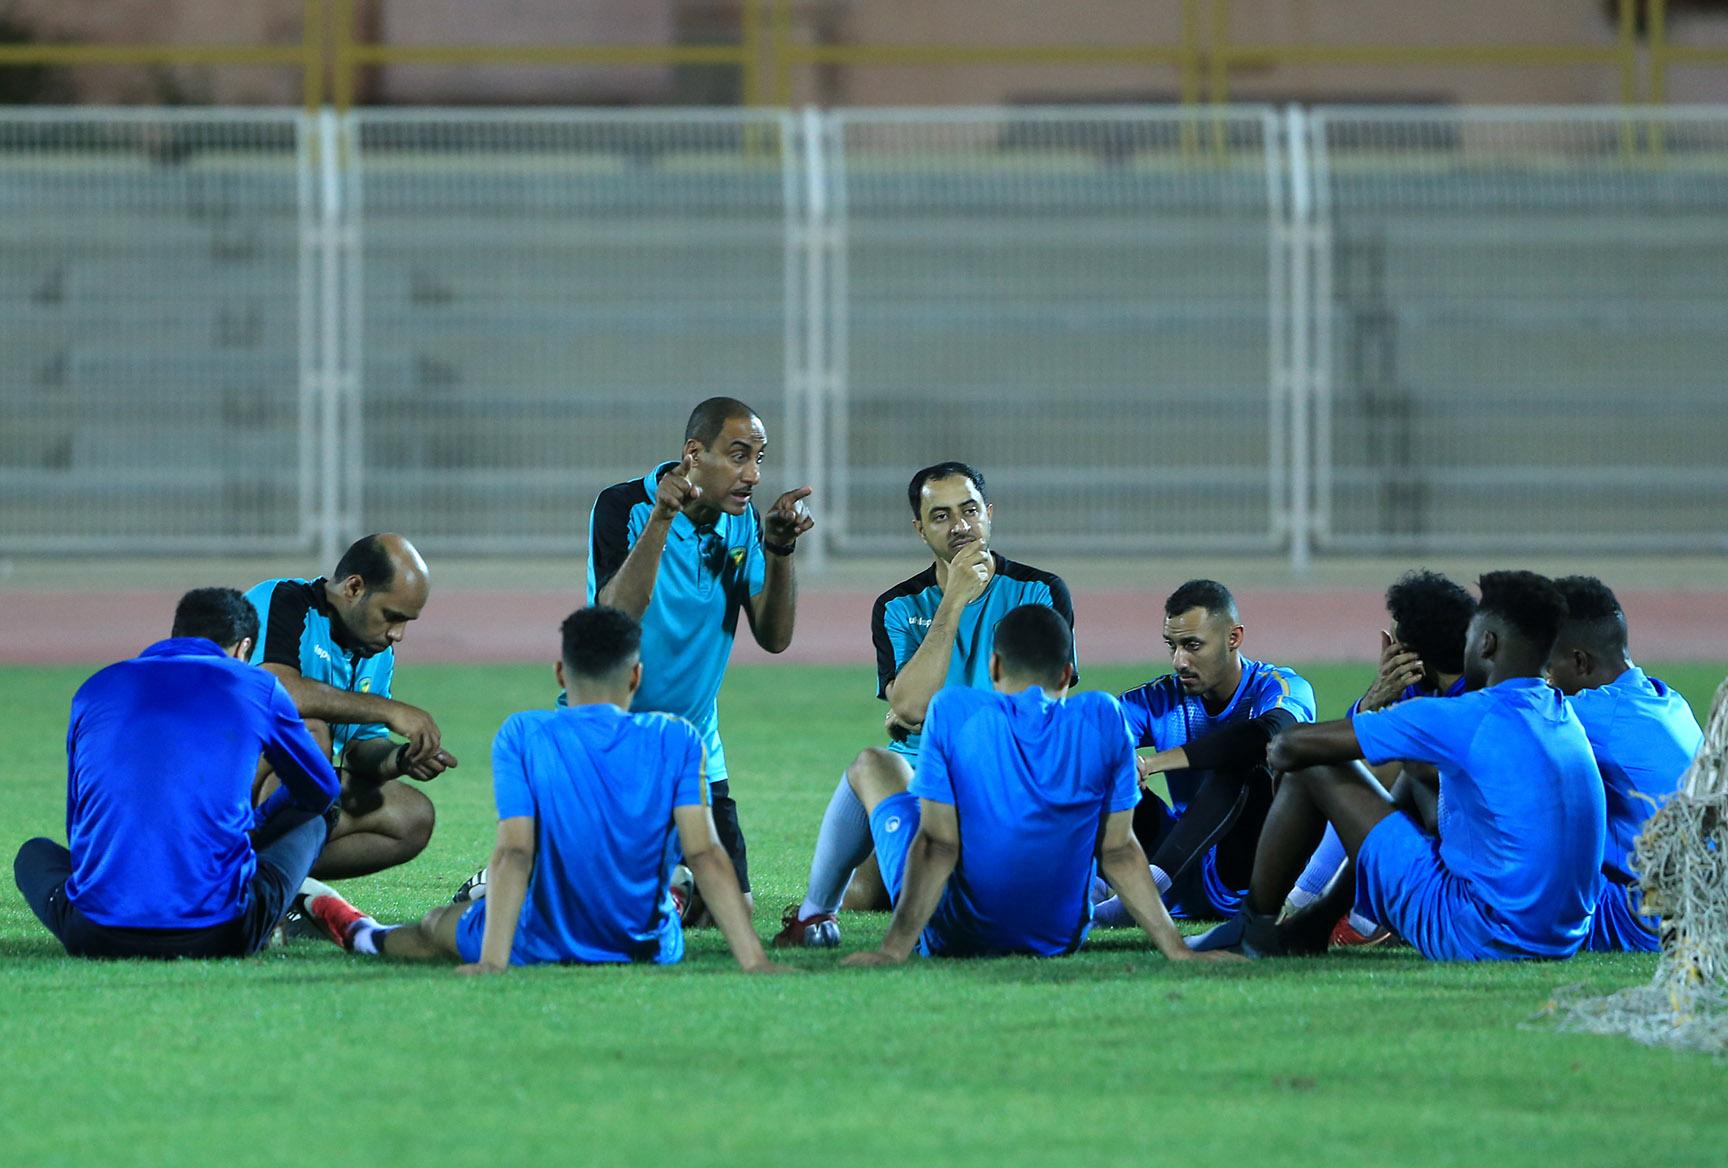 الخليج يجري تدريبه الرئيسي قبل المغادرة لأبها ضمن الجولة 38 والأخيرة لدوري الأمير محمد بن سلمان للدرجة الأولى